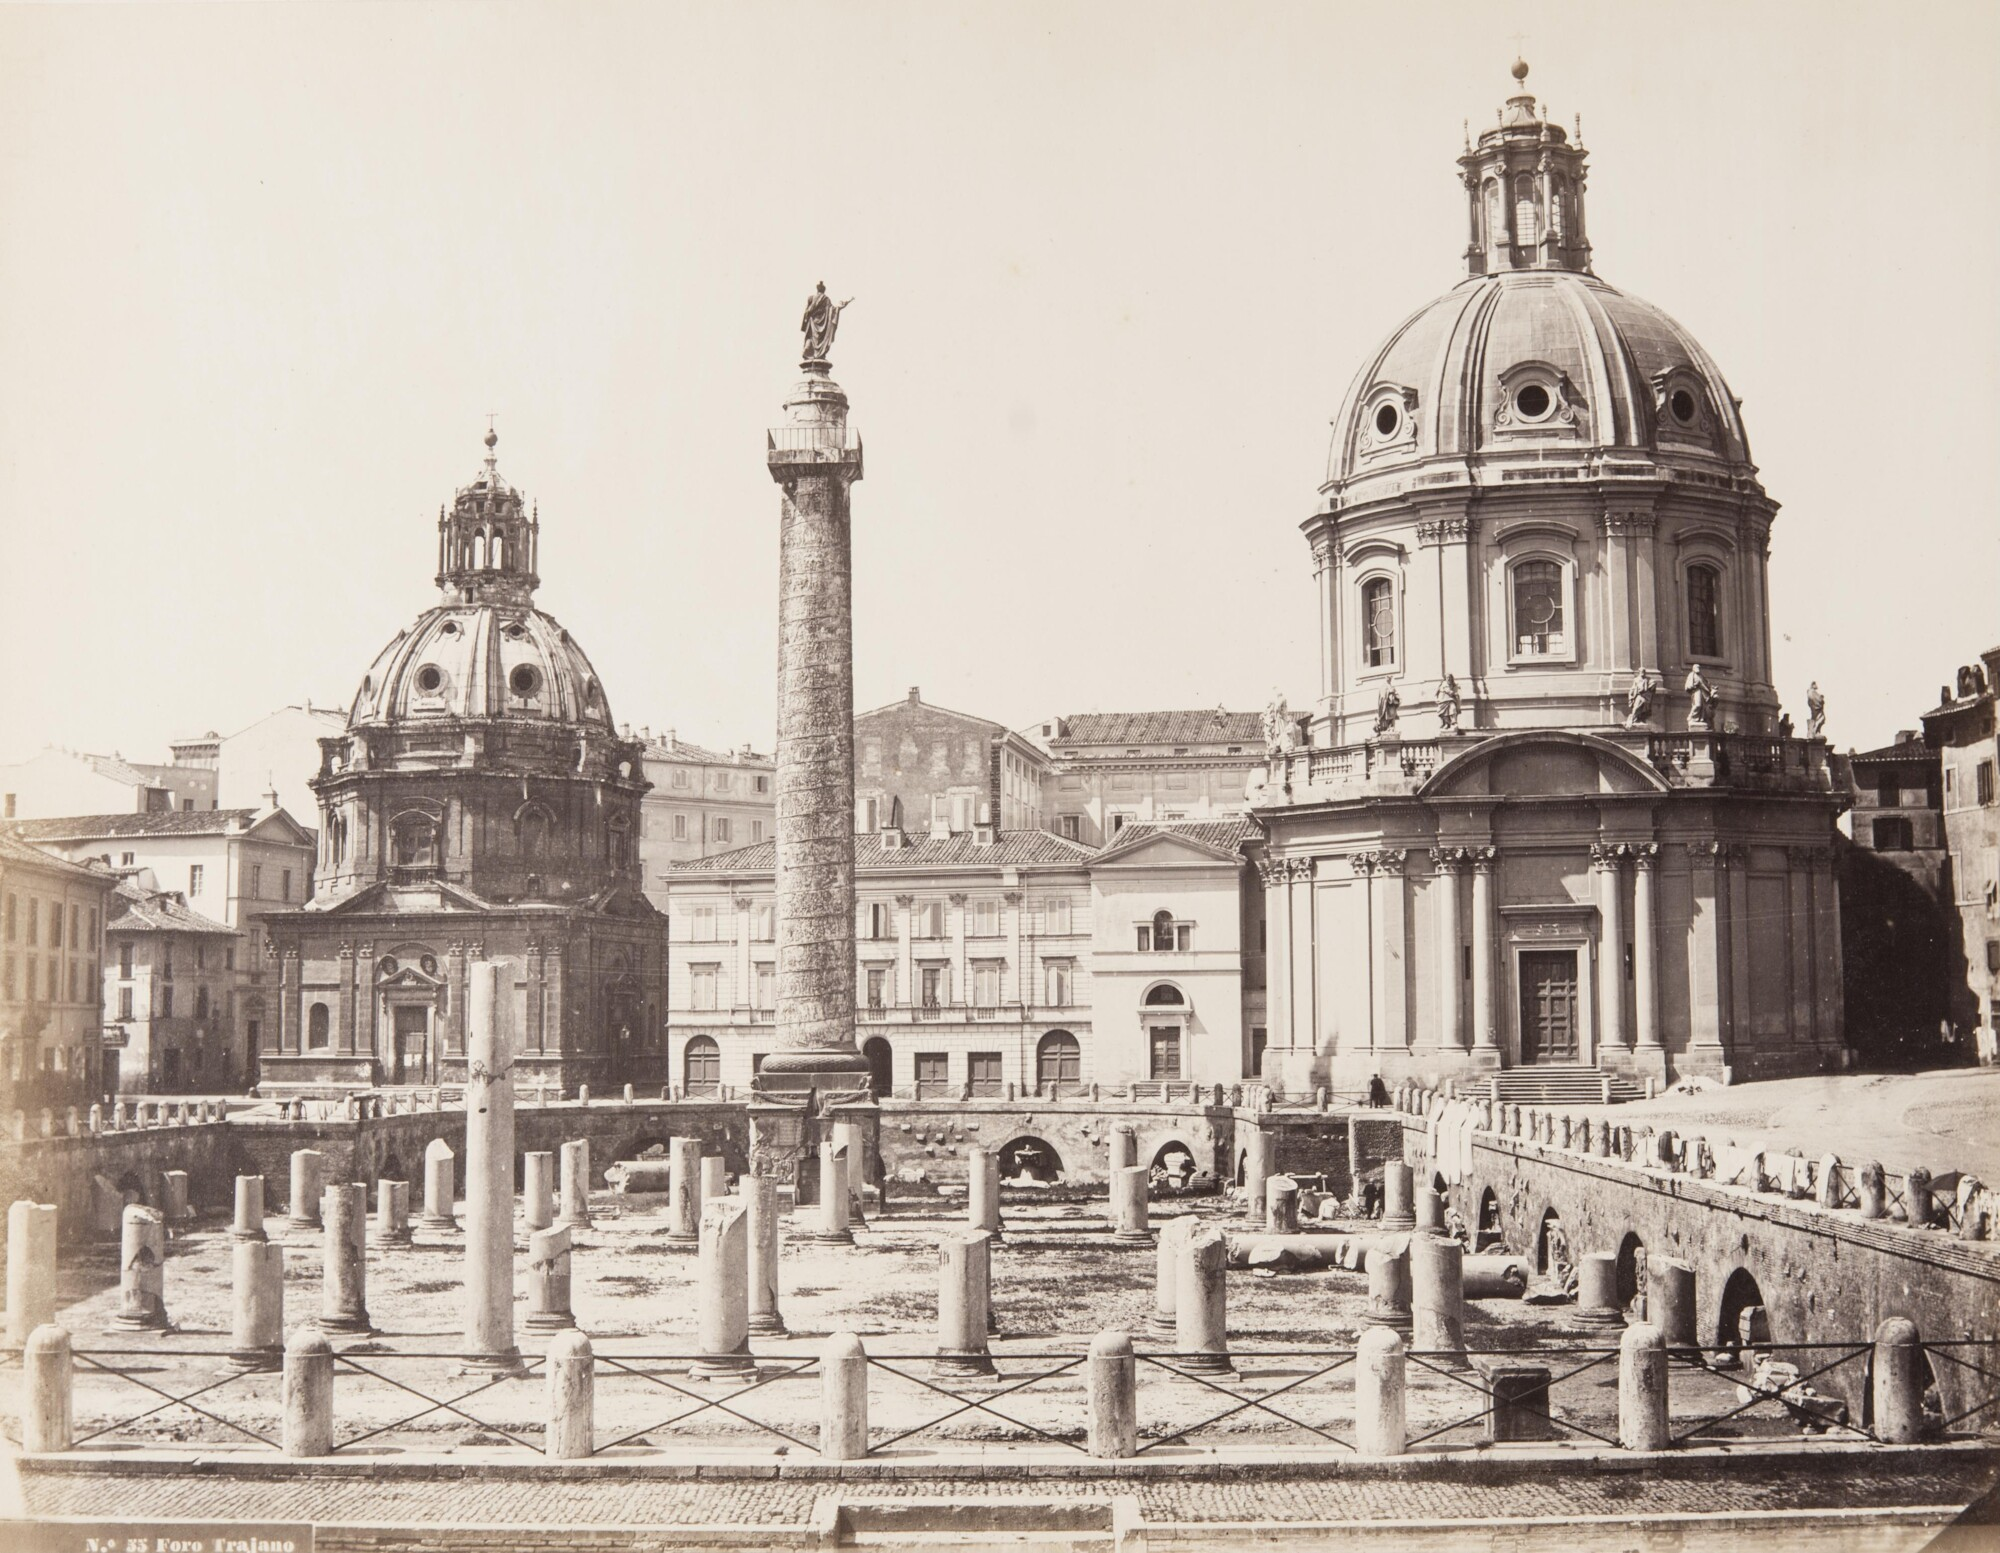 Альтобелли и Молинс.    ФорумТраянаи колонна Траяна,1860–1865   Альбуминовый отпечаток